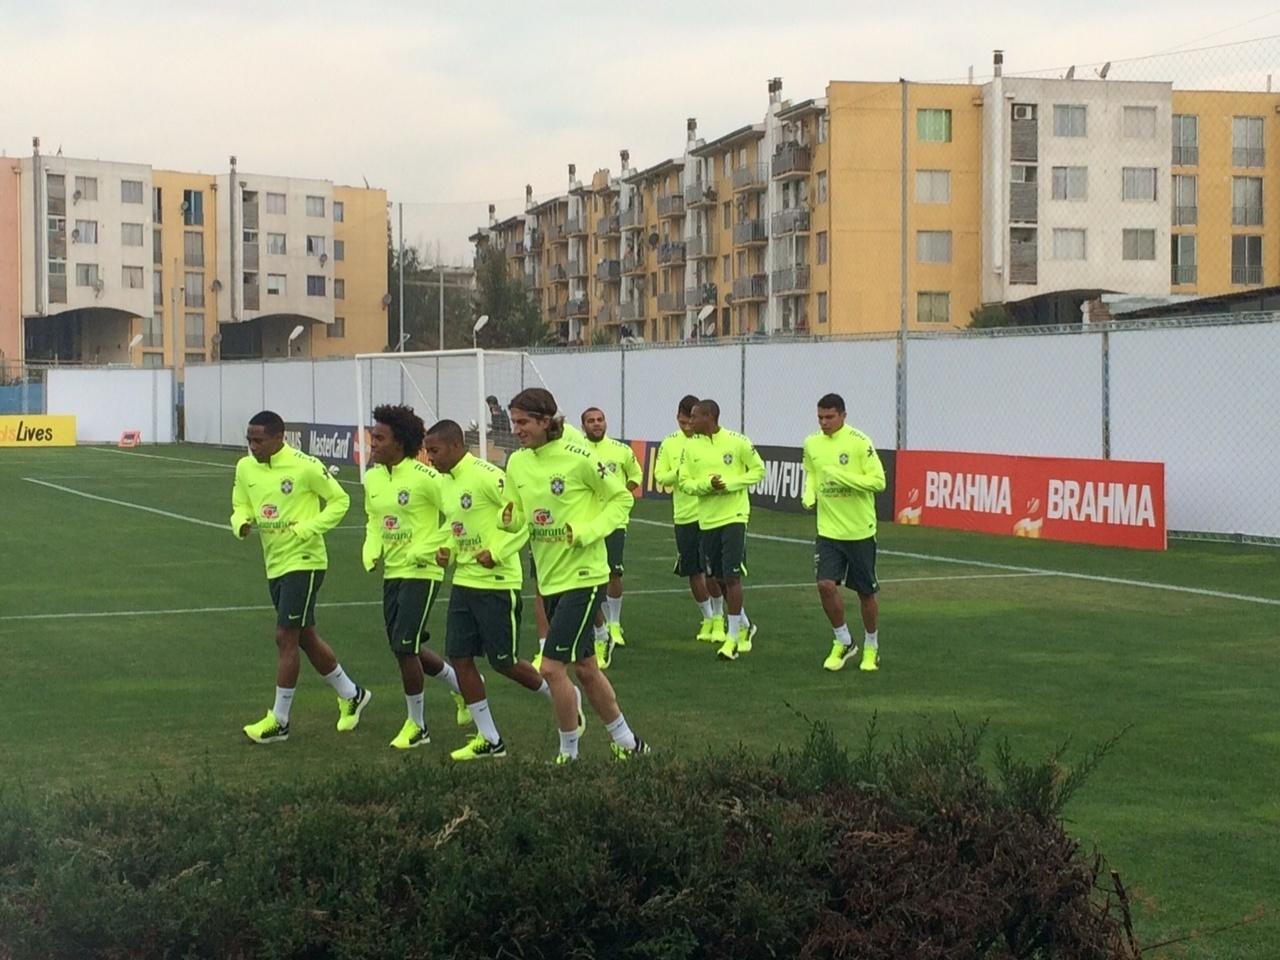 Titulares da seleção brasileira correm em volta do gramado no primeiro treino do time após a conquista da vaga no mata-mata da Copa América, no Chile